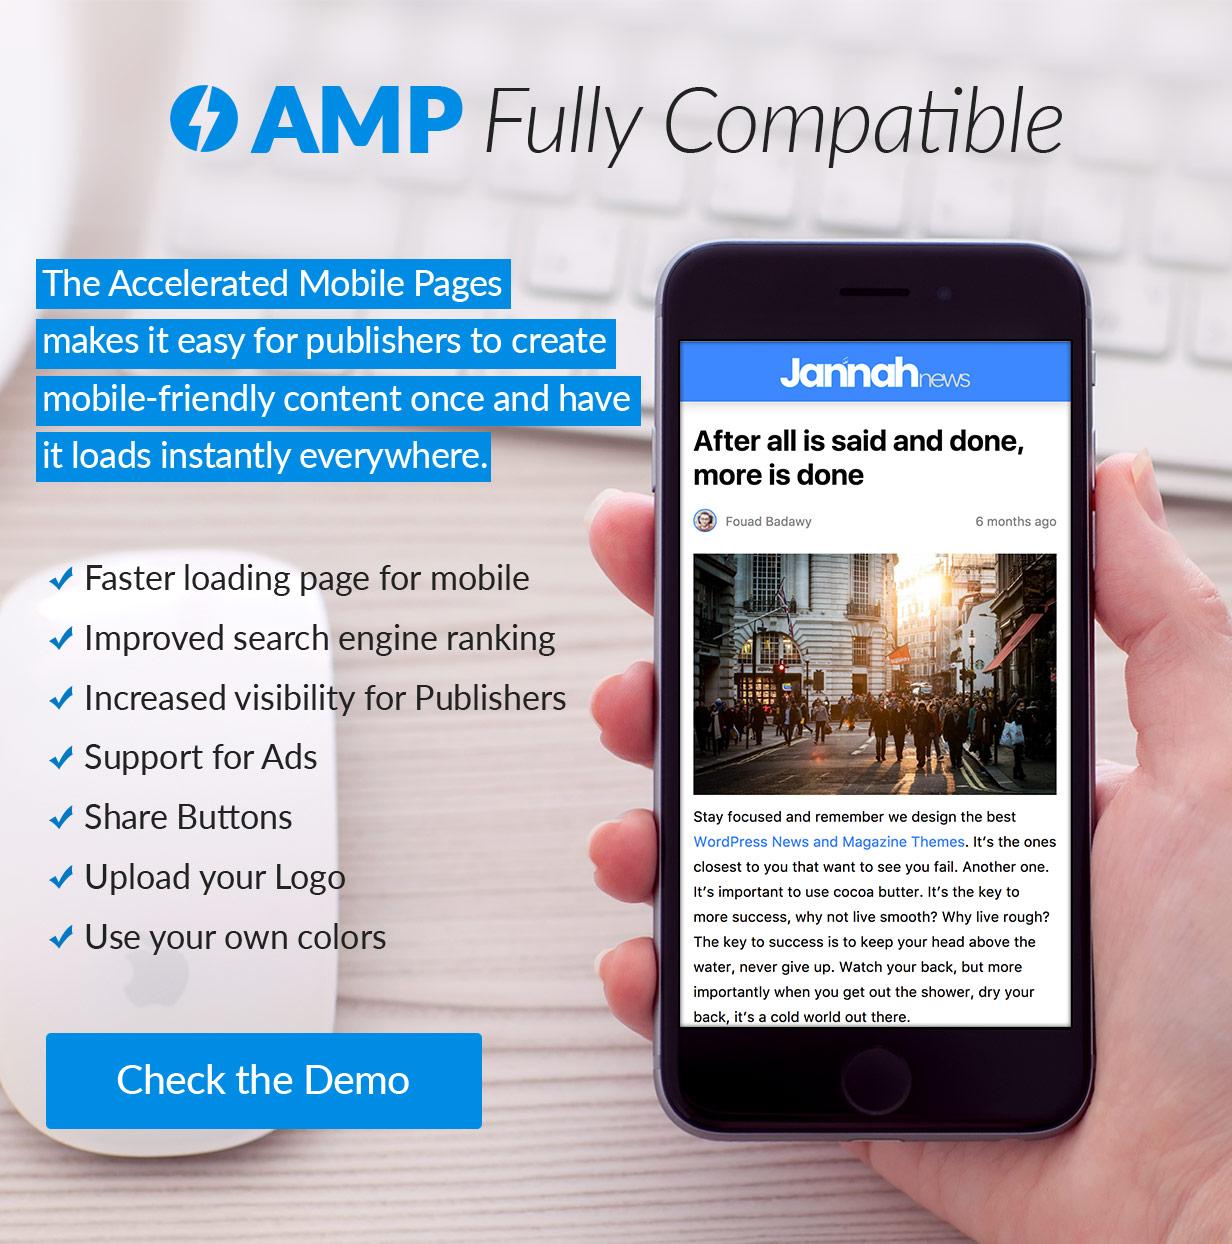 Полностью совместим с проектом «Ускоренные мобильные страницы» (AMP)